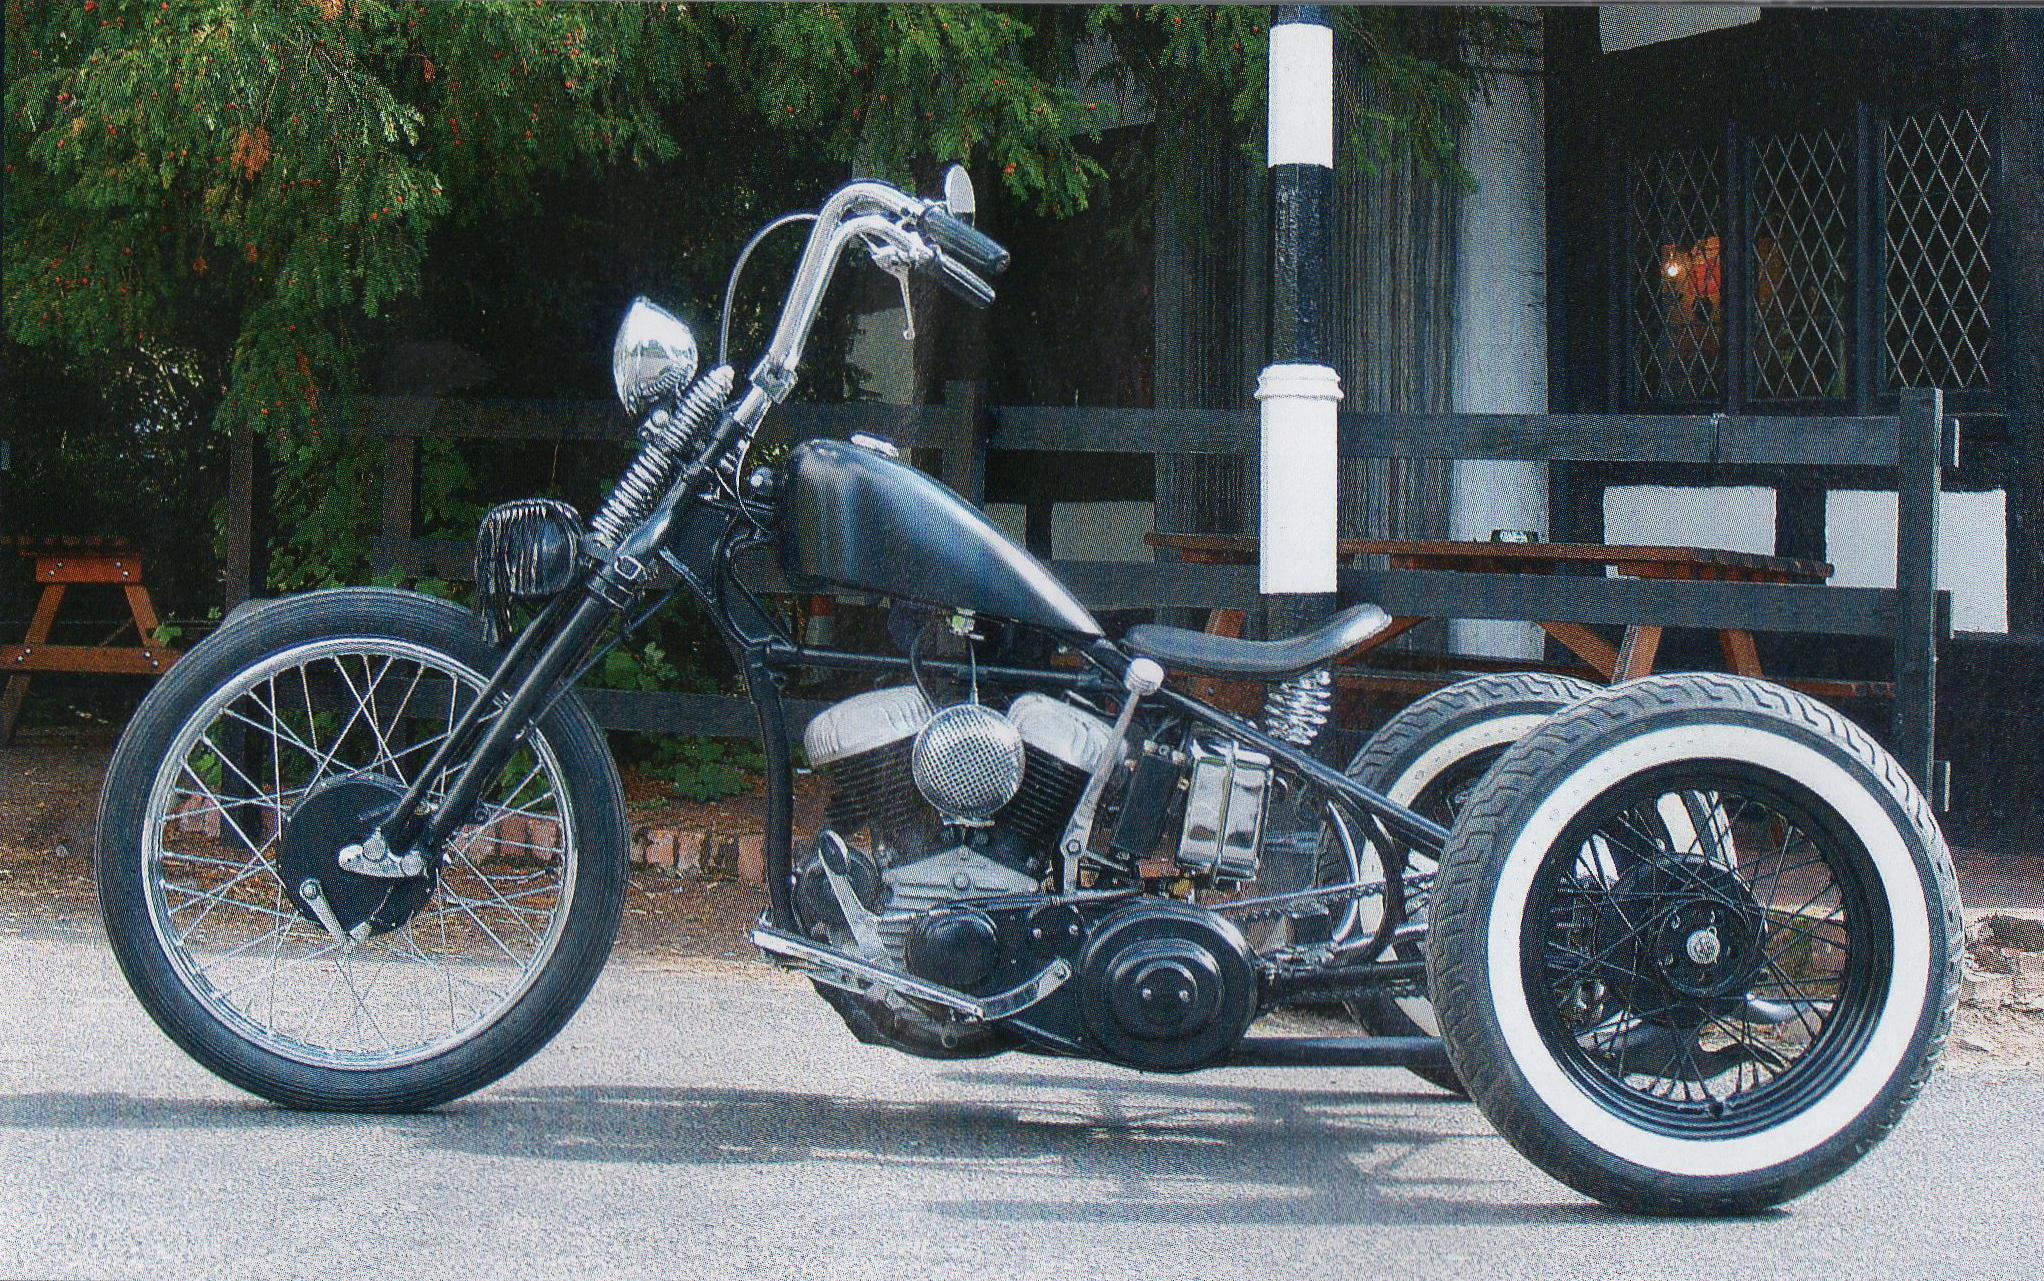 Harley Servi Car For Sale Uk